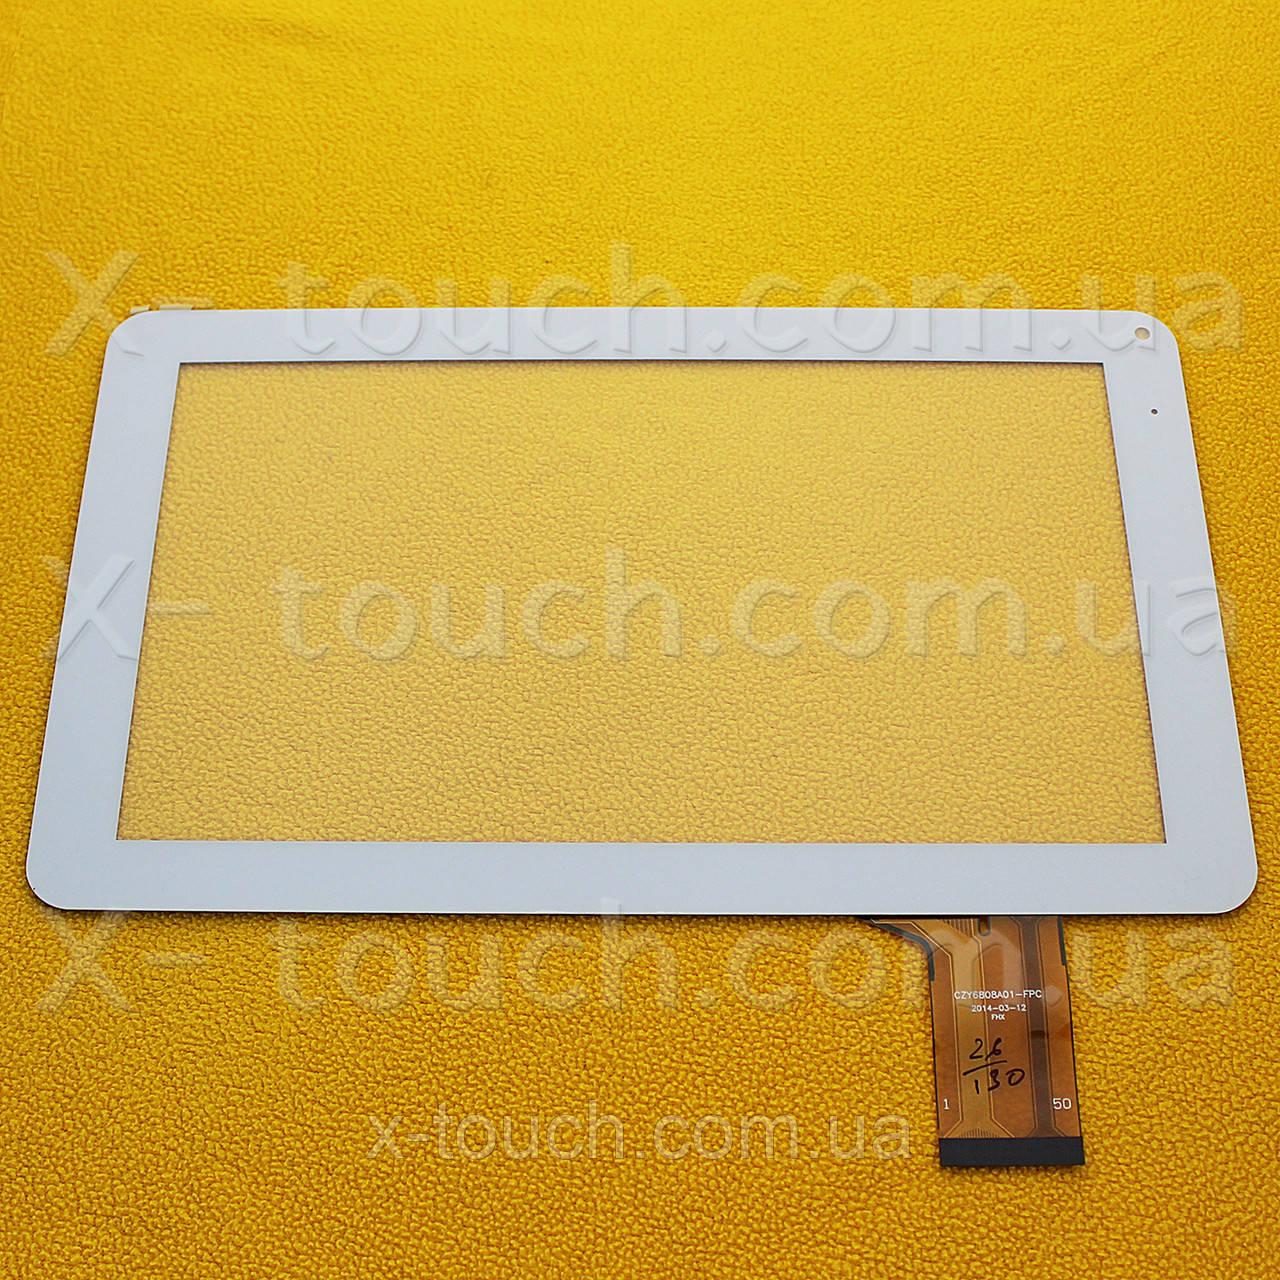 Тачскрин, сенсор  CZY6808A01-FPC белый  для планшета